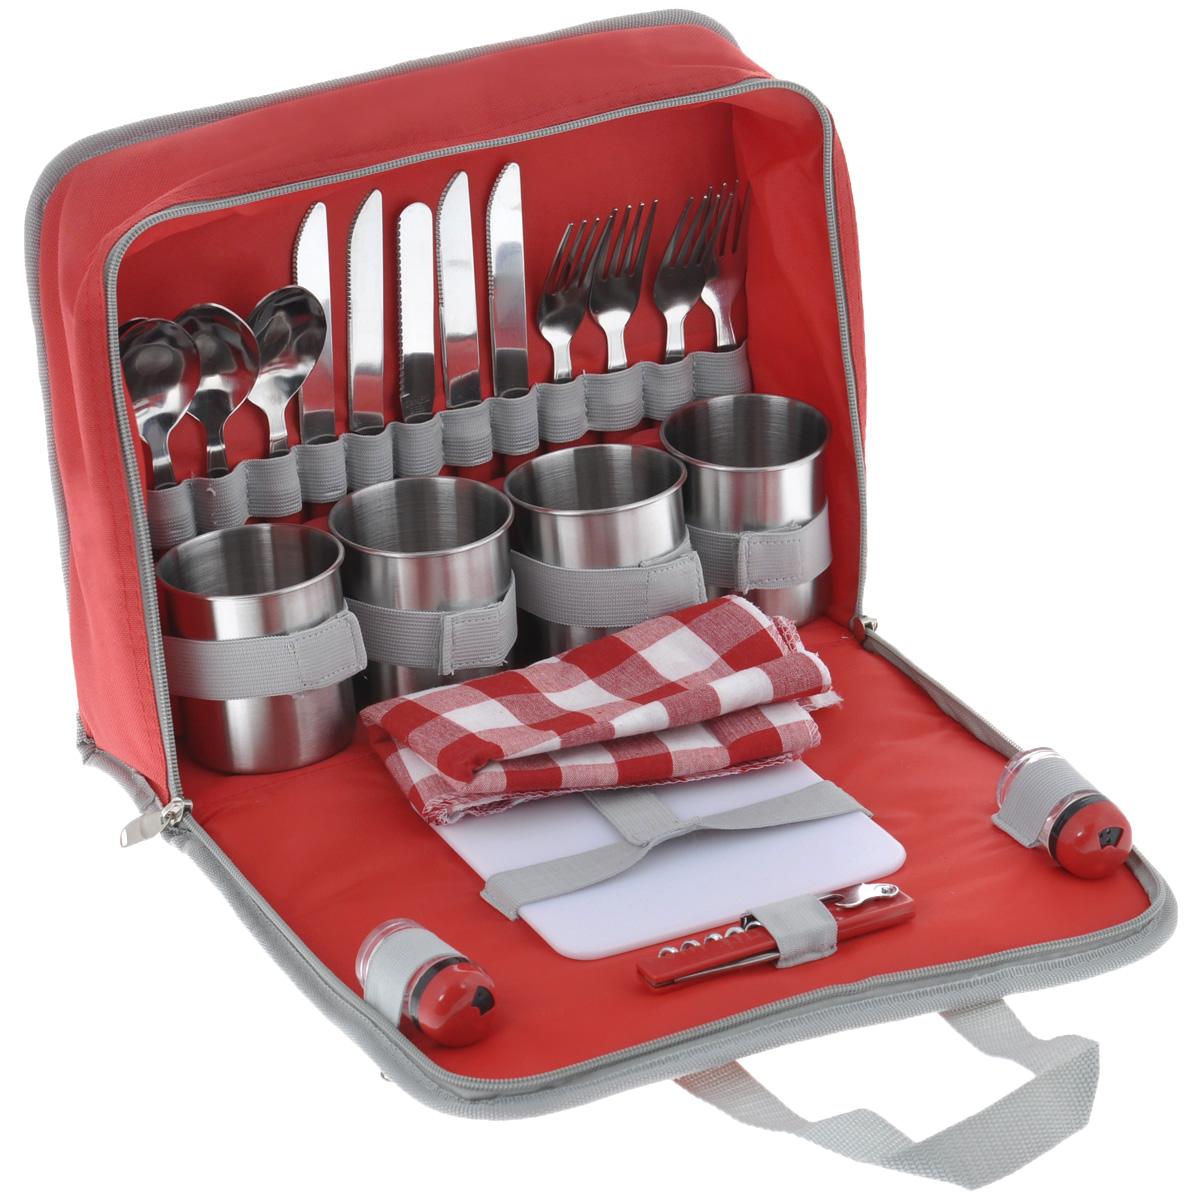 """Набор для пикника """"Green Glade"""" содержит всю необходимую посуду для пикника и комфортного отдыха на природе.  В набор входит:  - нож (4 шт),  - вилка (4 шт),  - ложка (4 шт),  - чашка (4 шт),  - салфетка (4 шт),  - солонка,  - перечница,  - нож для сыра/масла,  - складной нож со штопором,  - пластиковая разделочная доска.  Столовые приборы и кружки изготовлены из полированной нержавеющей стали с пластиковыми ручками красного цвета. Салфетки выполнены из хлопка с принтом в клетку. Квадратная разделочная доска сделана из прочного пластика белого цвета, солонка и перечница - из прозрачного пластика. Все приборы компактно помещаются в специальную сумку из полиэстера, сумка закрывается на застежку-молнию; оснащена двумя удобными ручками для переноски и двумя вшитыми кармашка на молнии для хранения аксессуаров.  Длина вилки/ложки: 18,5 см.  Длина ножа: 21 см.  Диаметр кружки (по верхнему краю): 7,5 см.  Высота кружки: 8 см.  Размер разделочной доски: 15 см х 15 см.  Размер салфетки: 31 см х 31 см.  Размер солонки/перечницы: 3 см х 3 см х 5,5 см.  Длина ножа со штопором: 11 см.  Размер сумки: 32 см х 26 см х 11 см."""